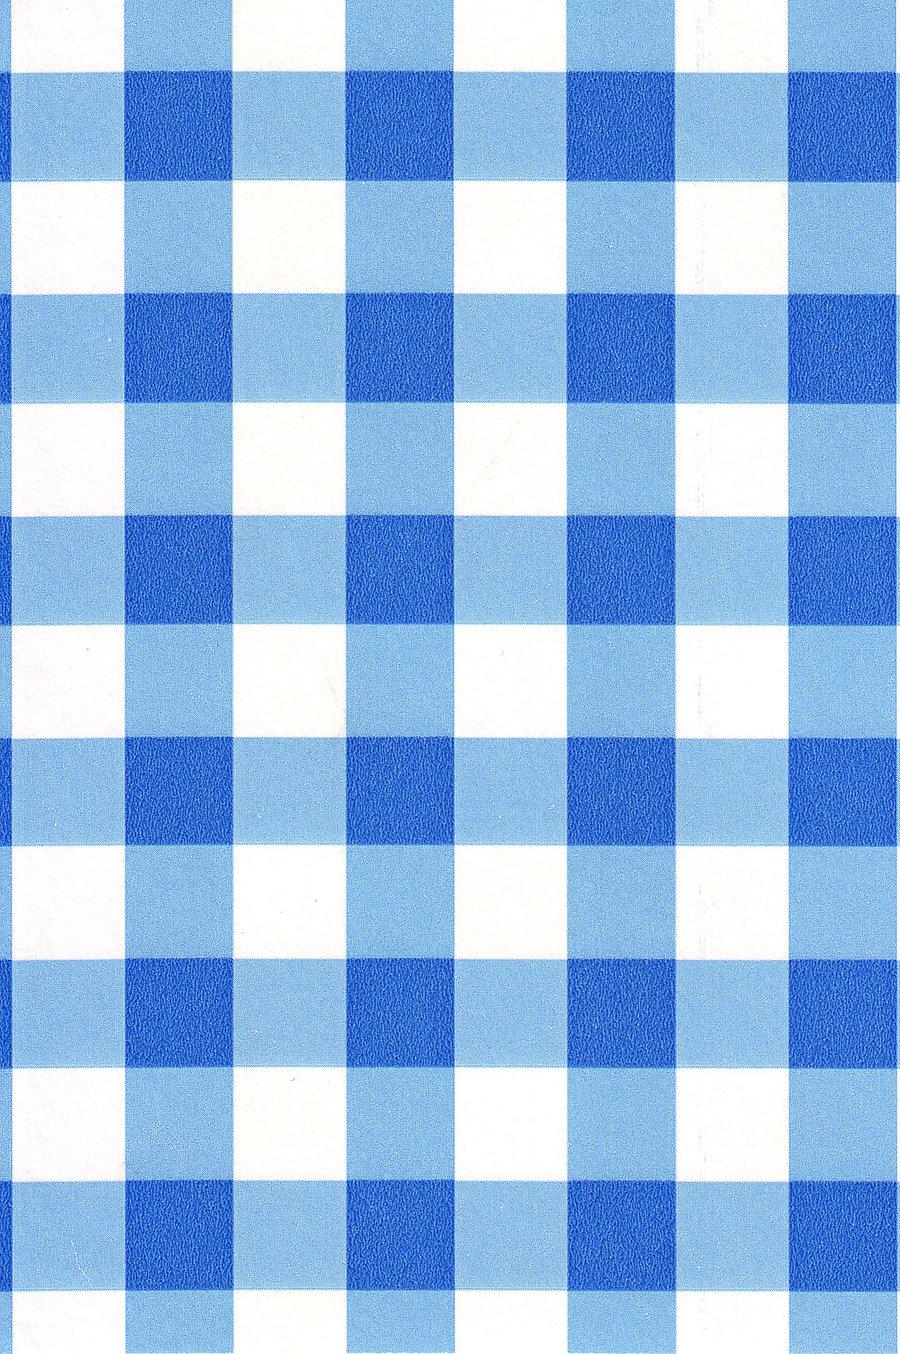 Wallpaper Squares Wallpapersafari HD Wallpapers Download Free Images Wallpaper [1000image.com]